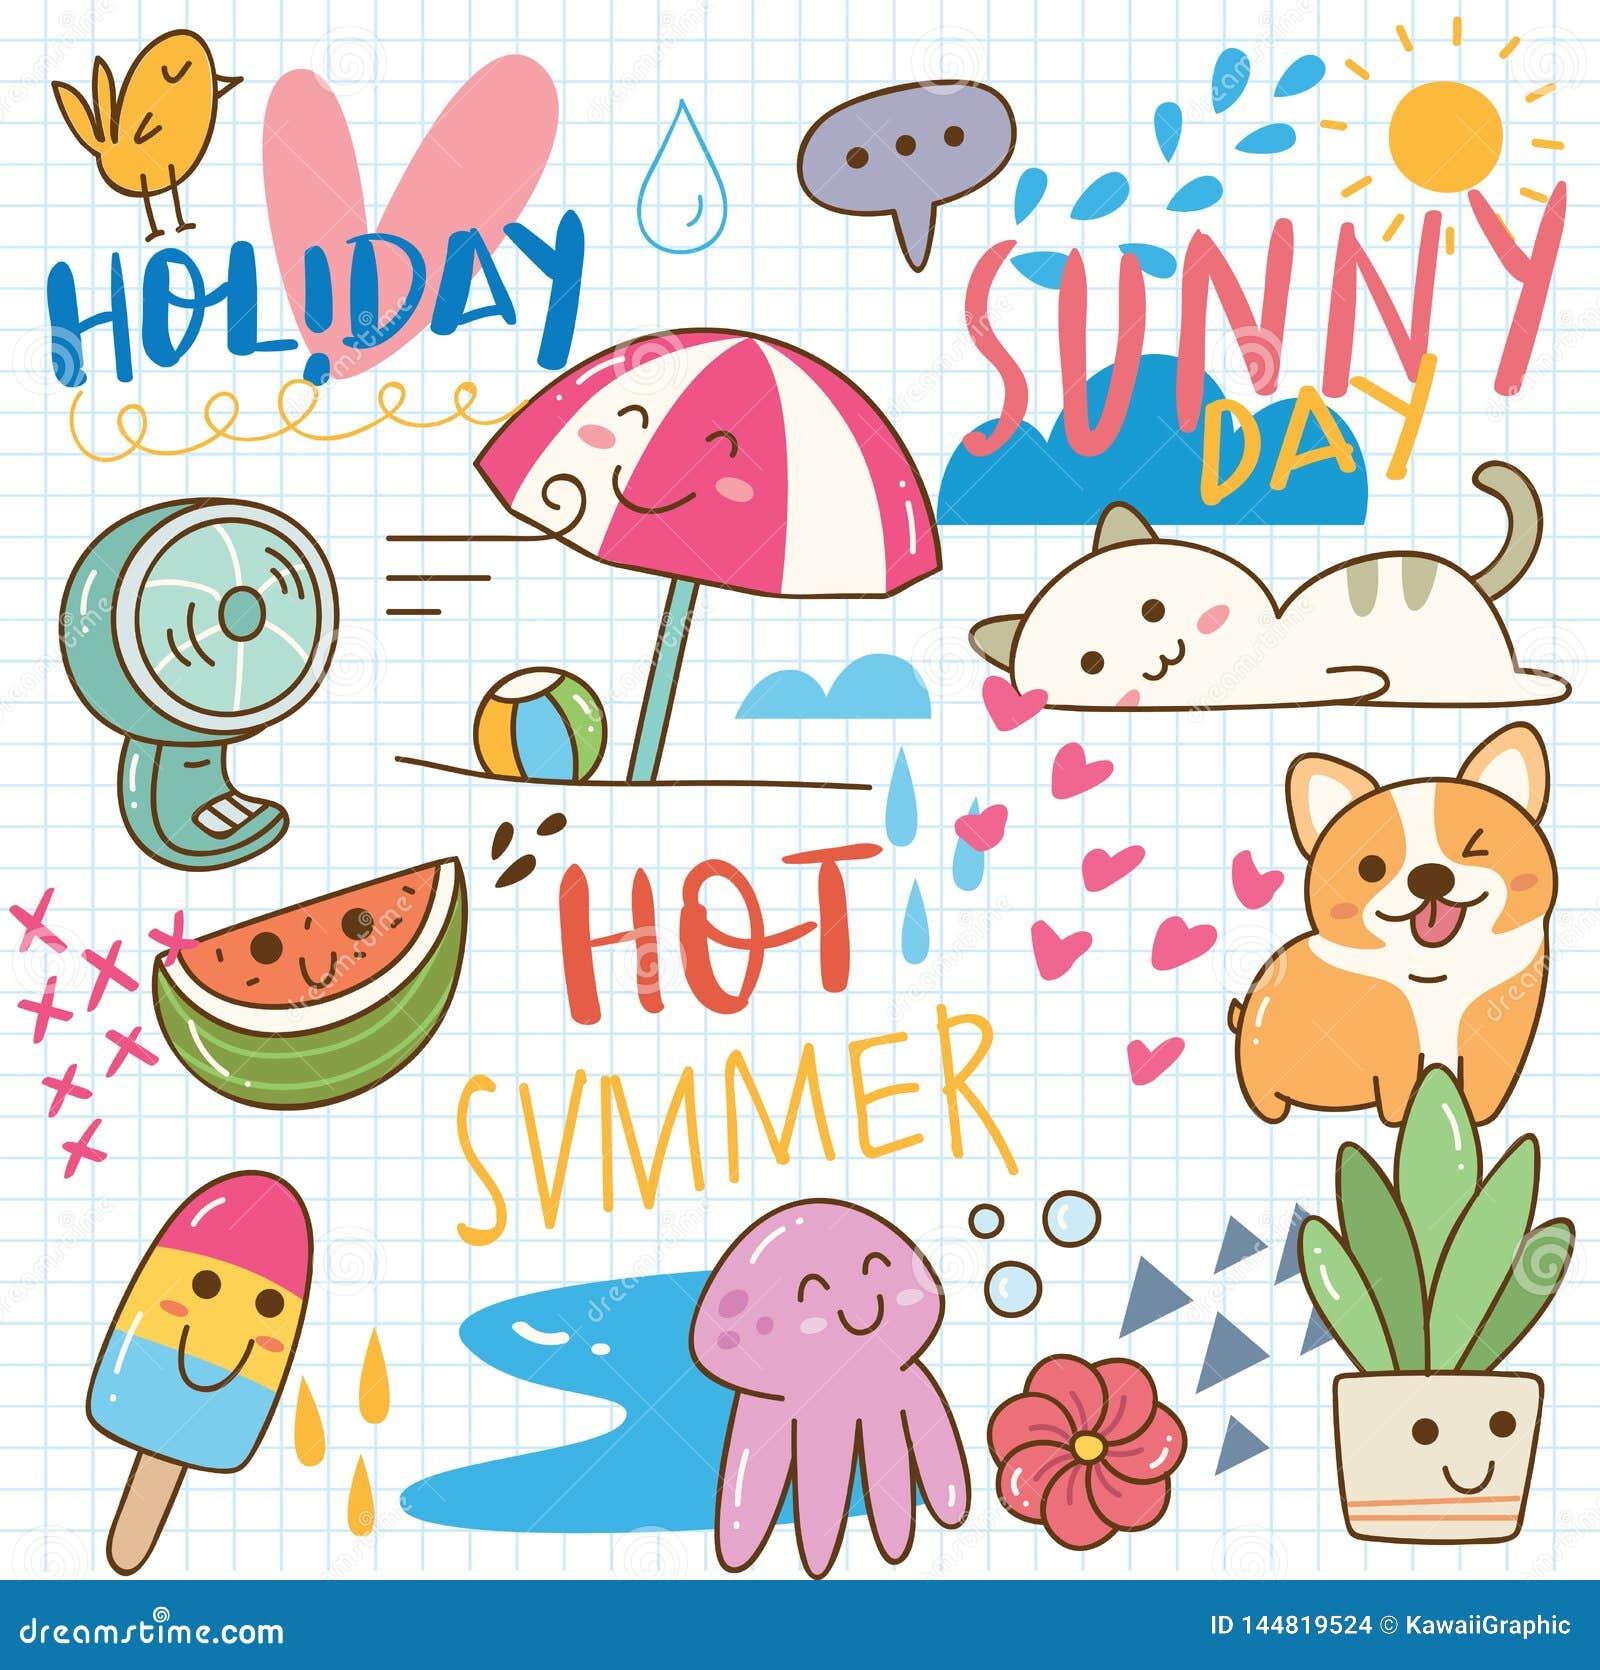 Set of summer doodle collage